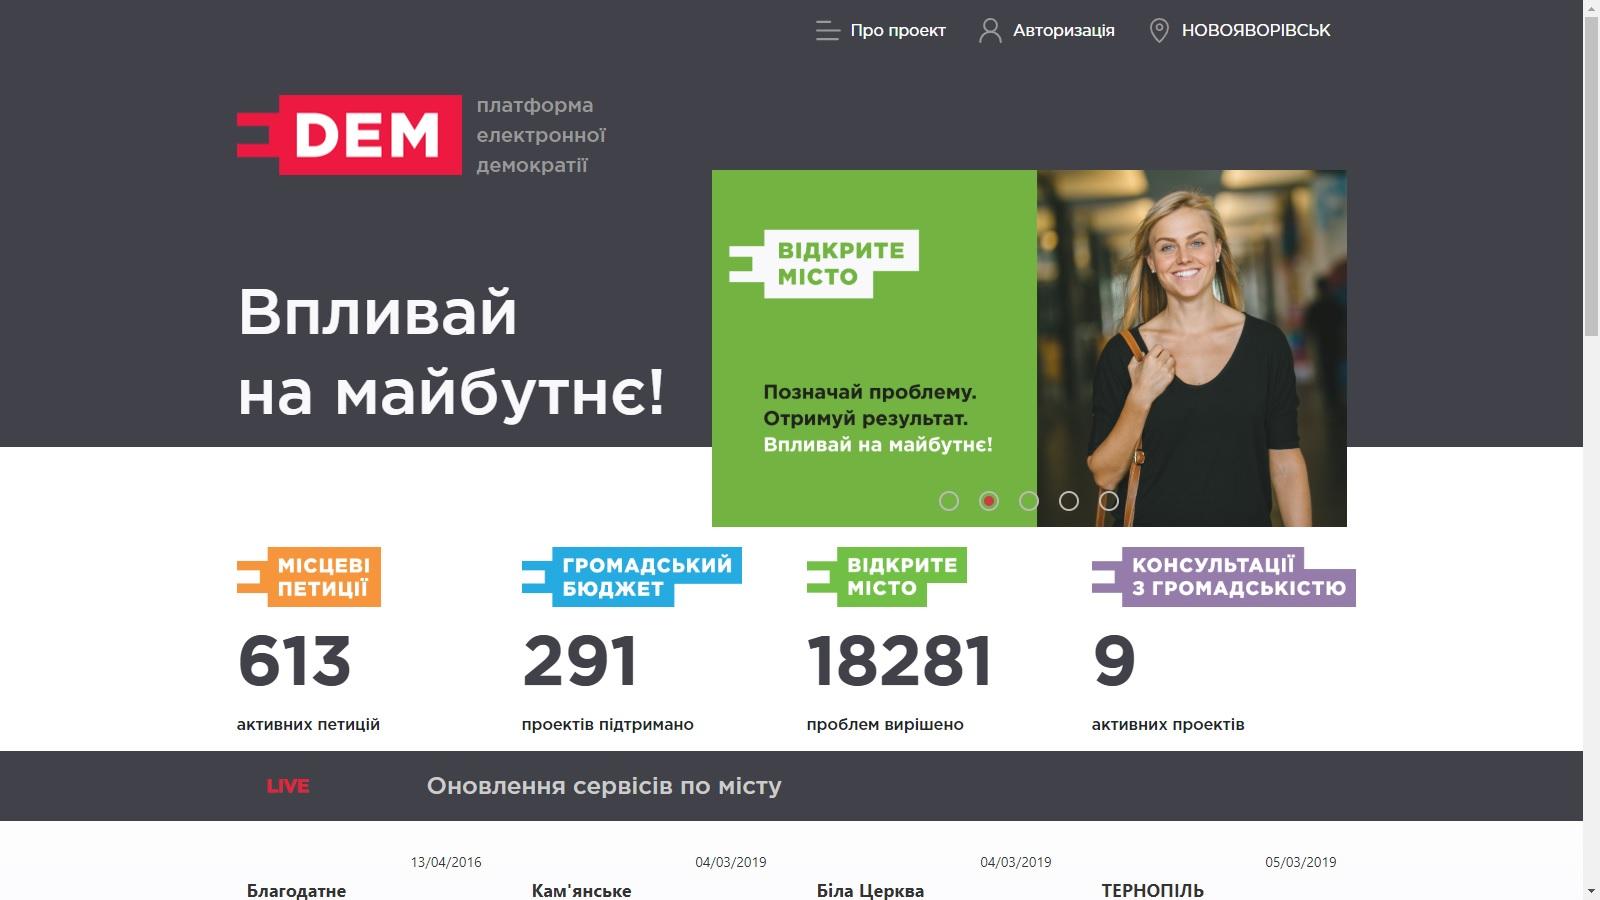 Єдина платформа електронної демократії-dem